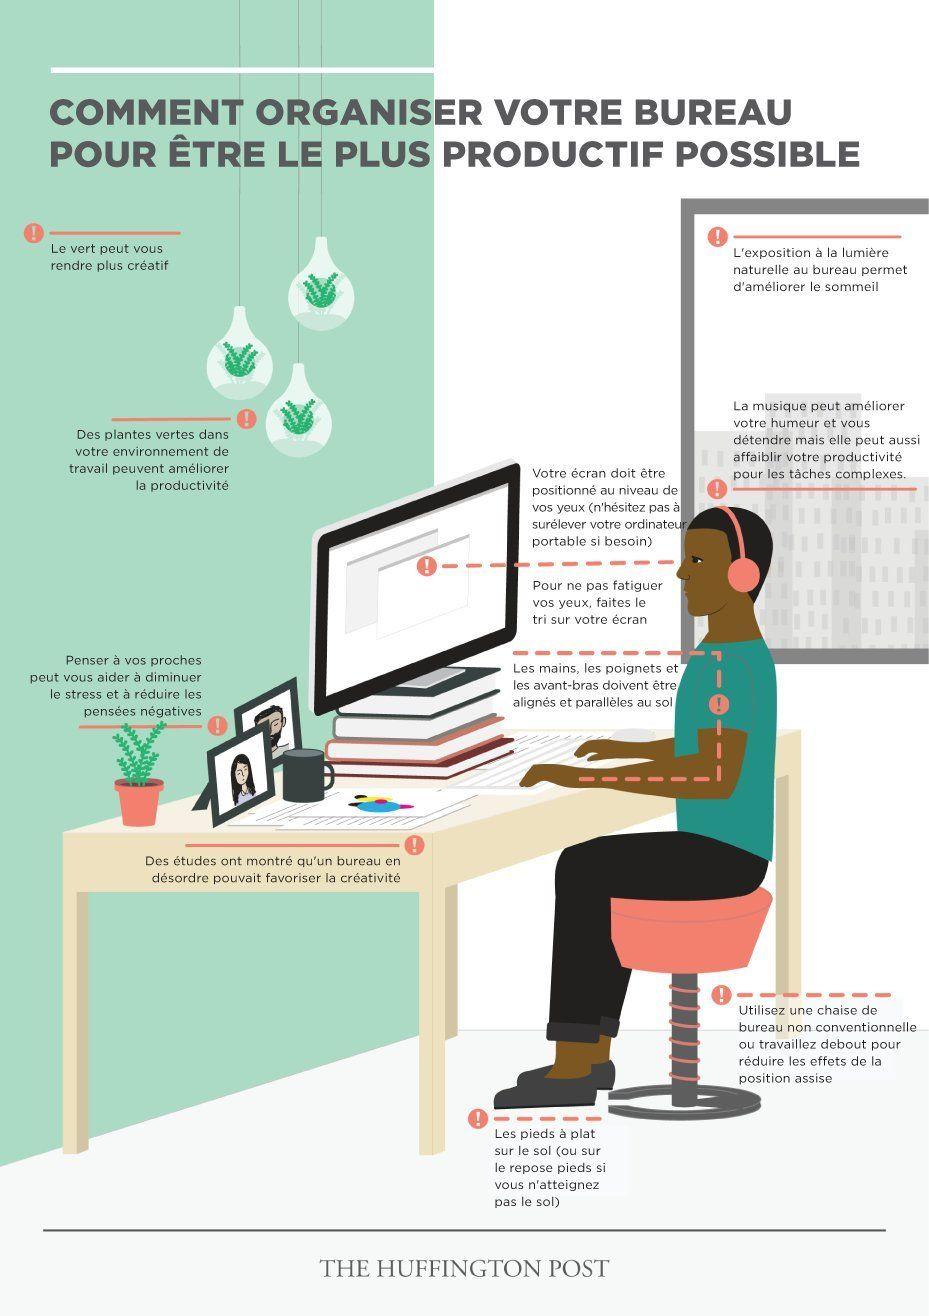 comment organiser votre bureau pour etre le plus productif possible infographie